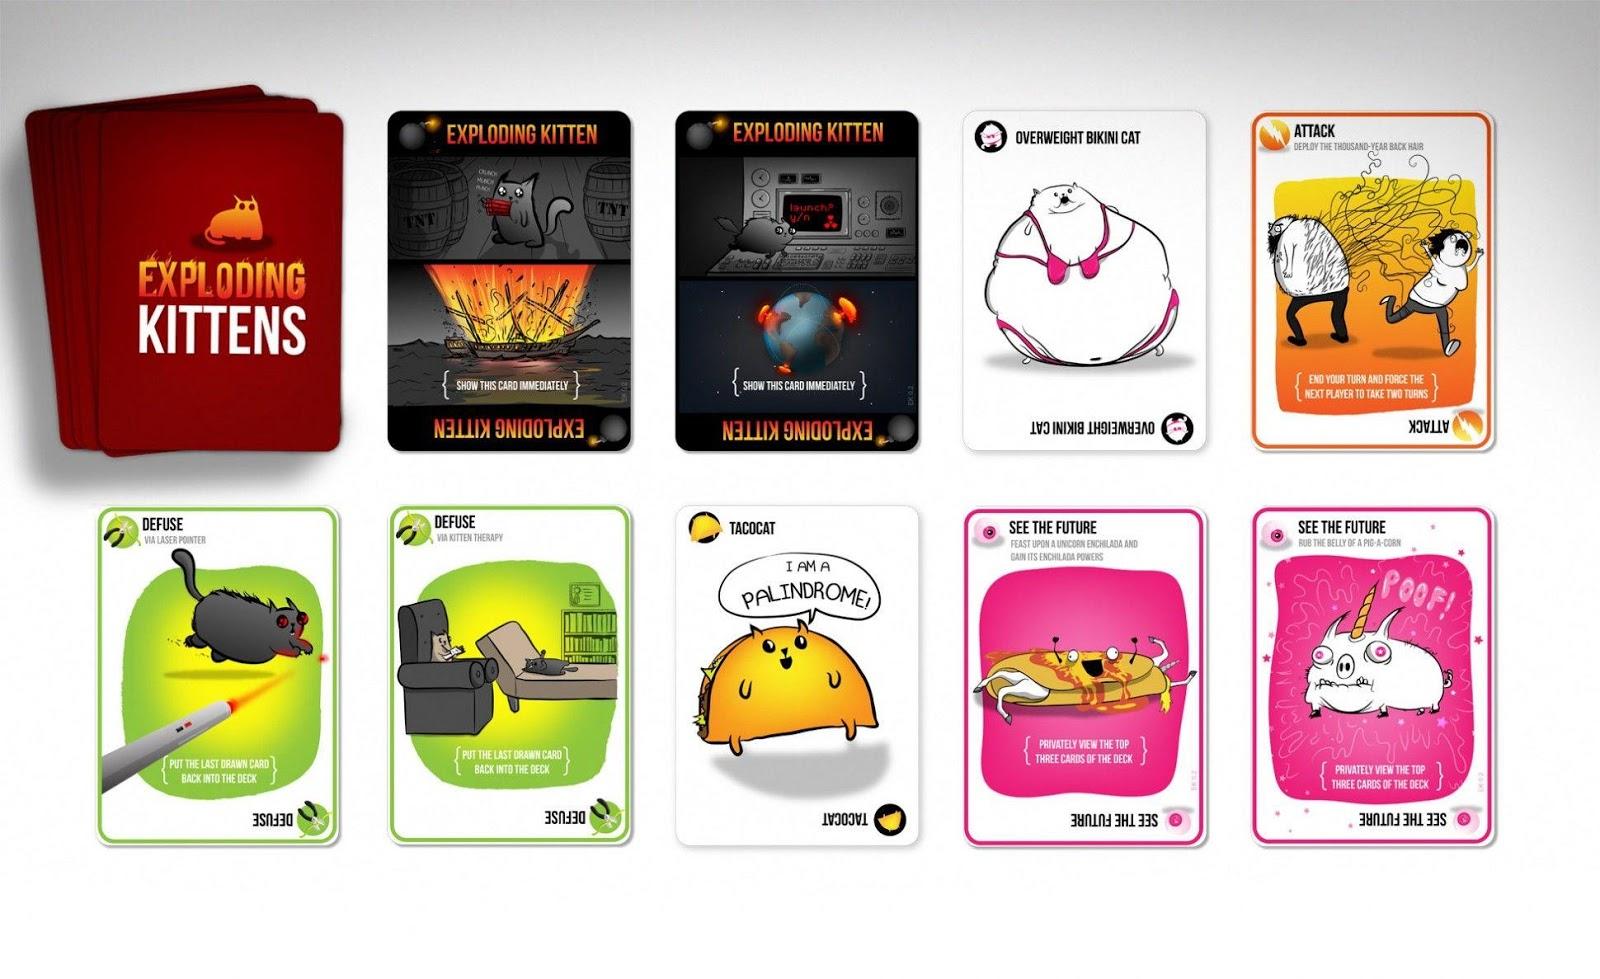 Không chỉ có Ma sói, 5 board game này cũng sẽ khiến bạn vui quên lối về - Ảnh 1.